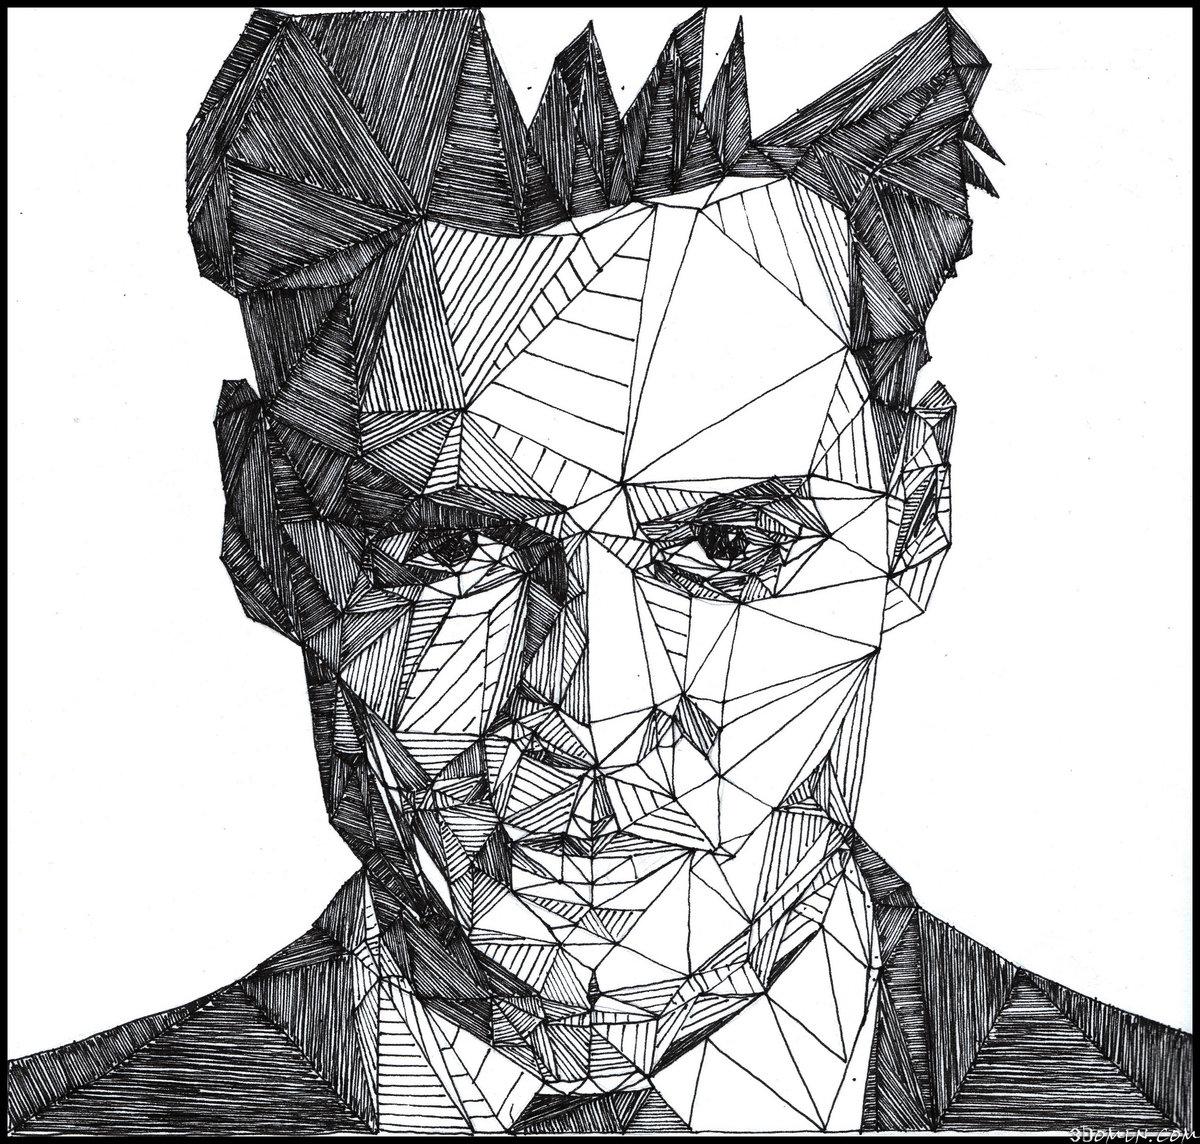 образы человека в графике в картинках пвх-окна двухкамерными стеклопакетами